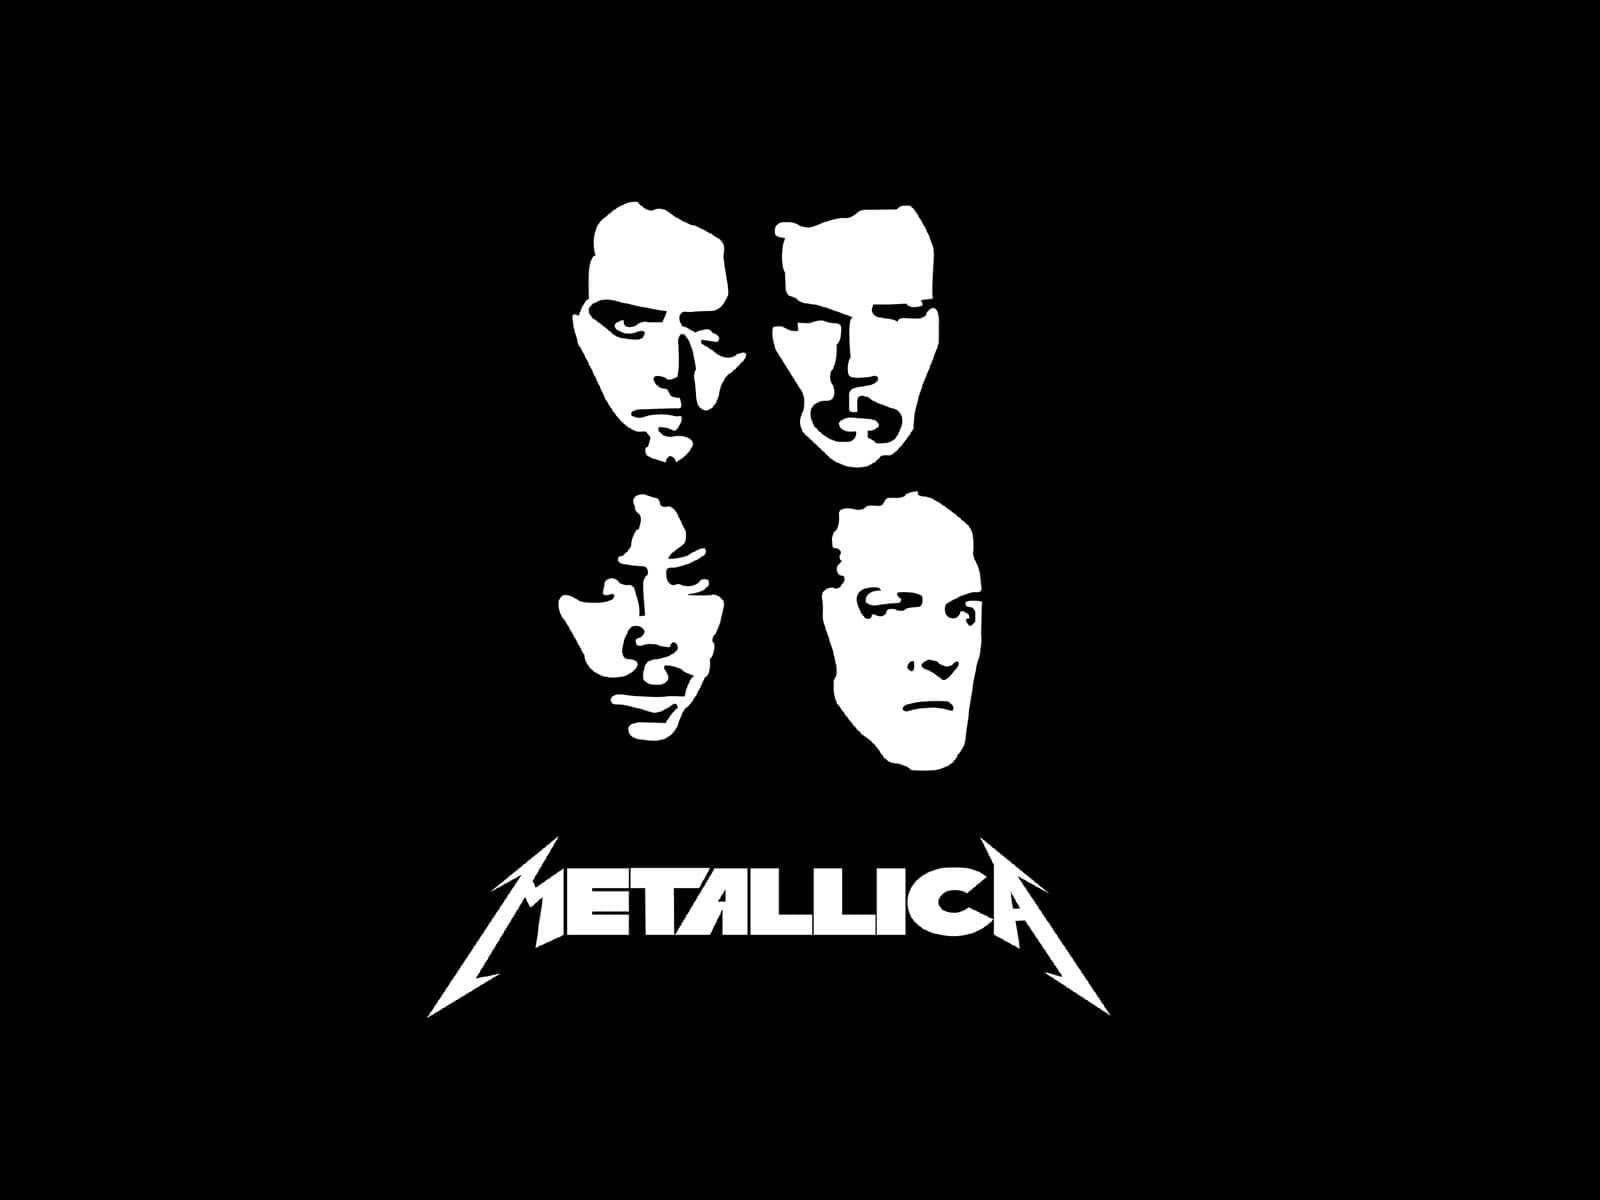 Metallica HD Wallpapers | 7wallpapers.net